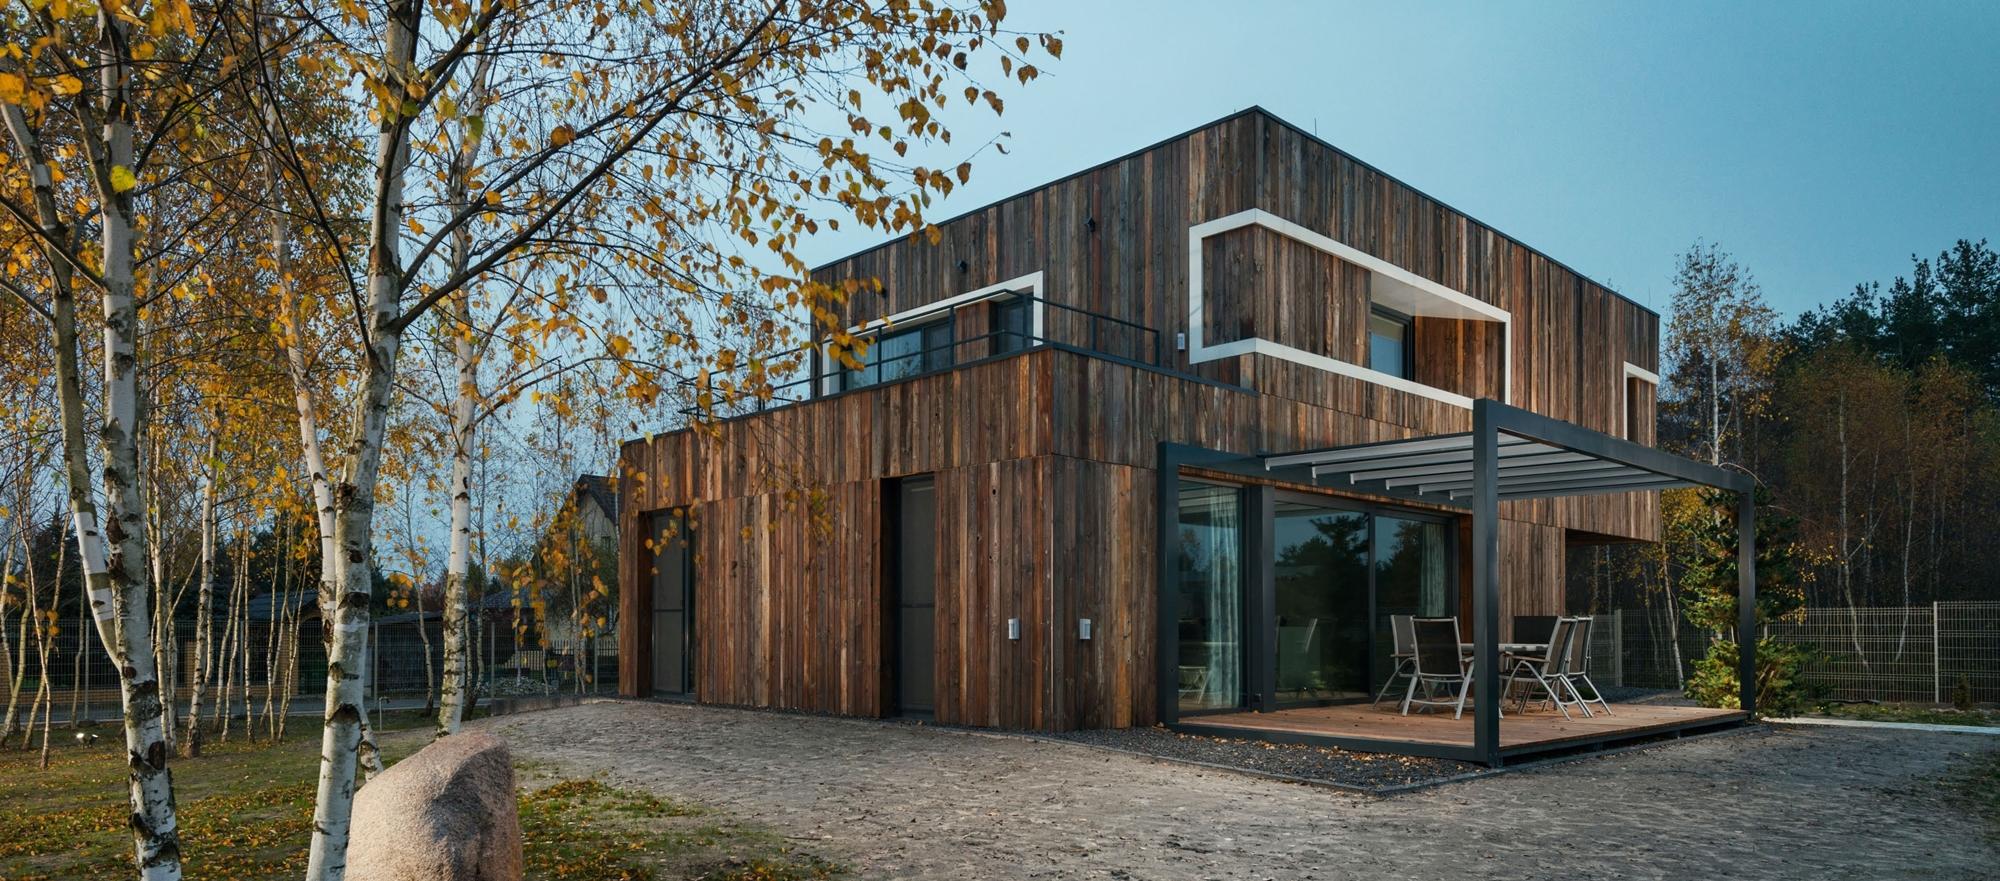 Najlepsze domy w Polsce: Dom w Żabiej Woli